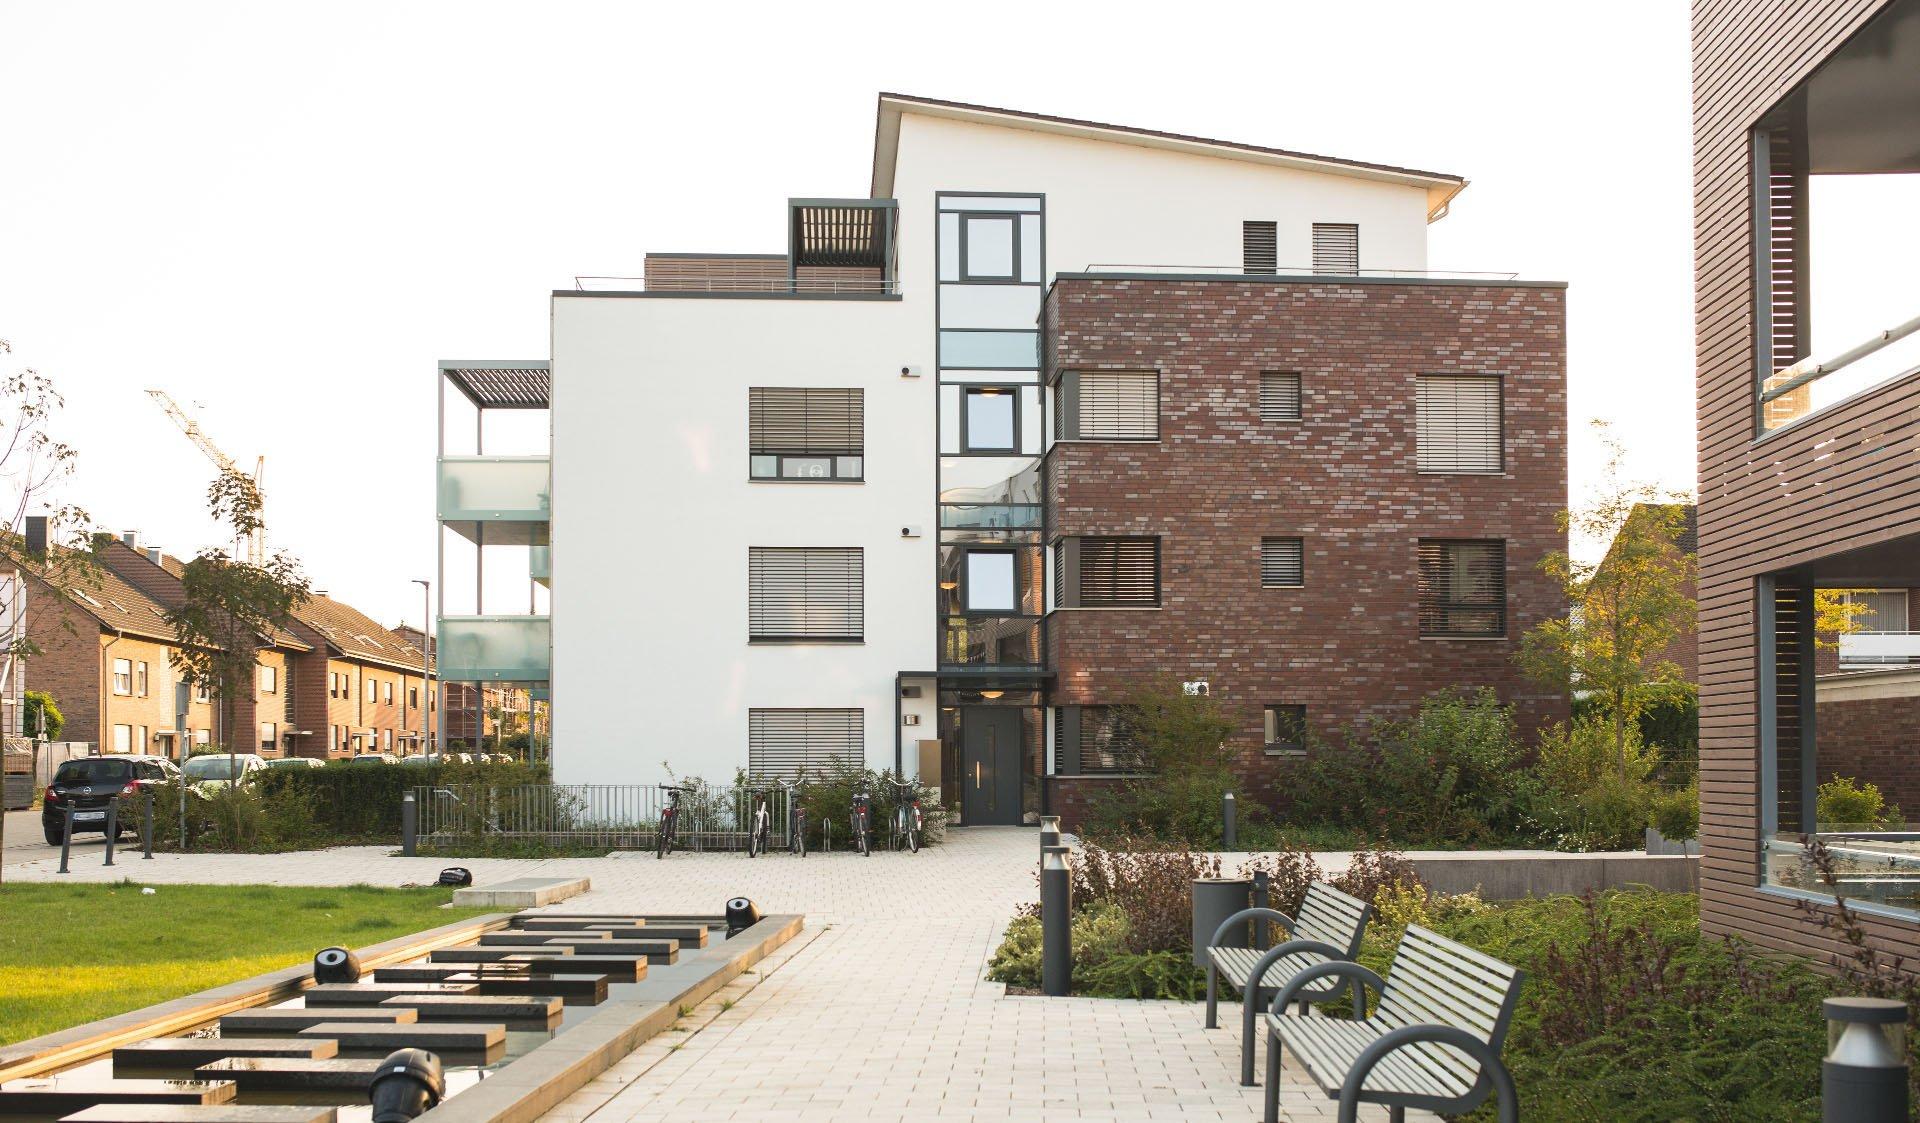 Außenanlagen mit Bänken in Klimaschutzsiedlung